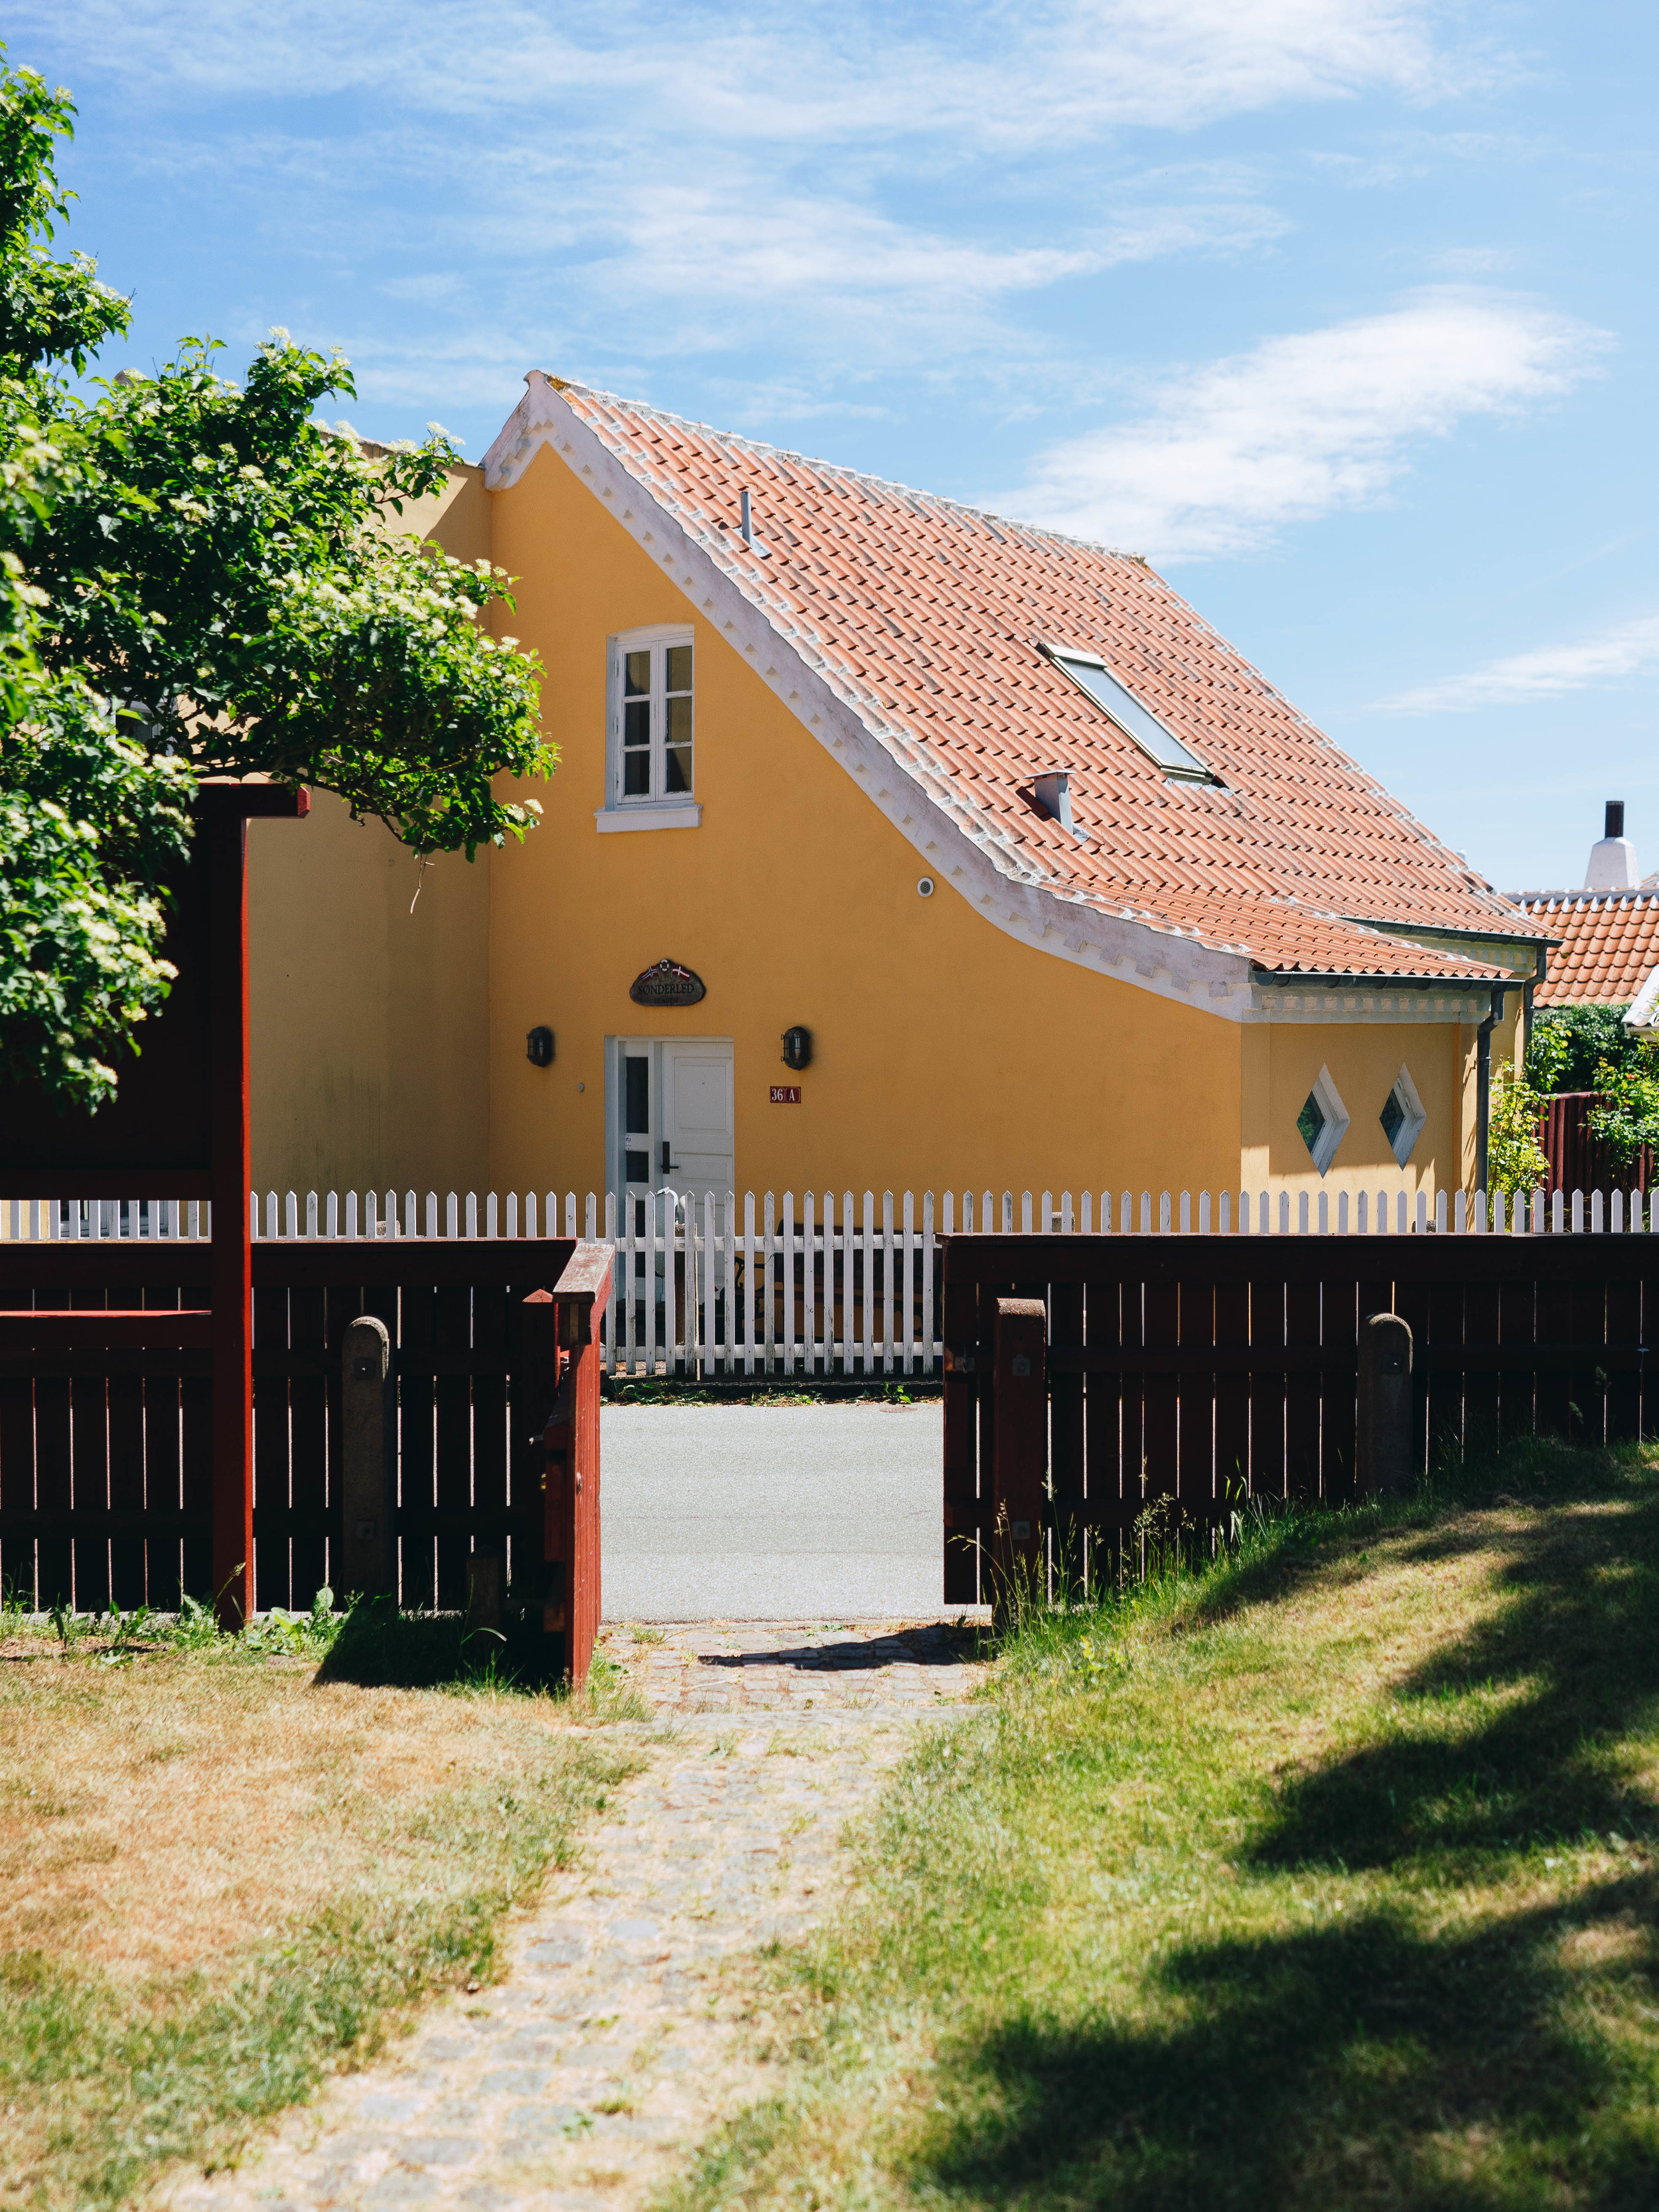 ASROSENVINGE_VisitDenmark_Nordjylland-04834.jpg